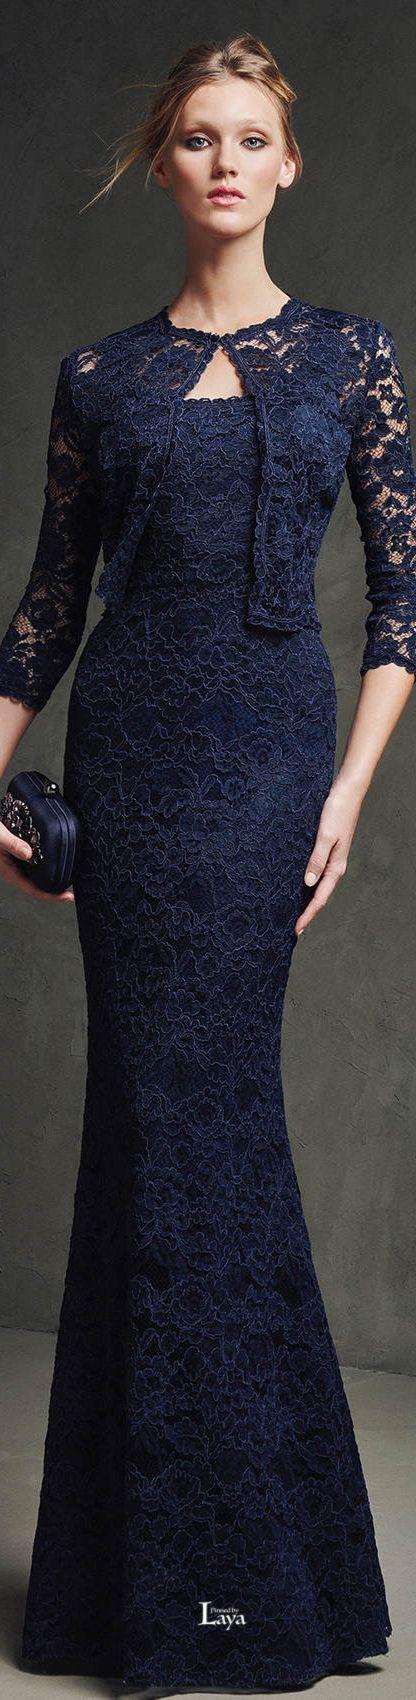 Pronovias 2016 EVENING Dresses